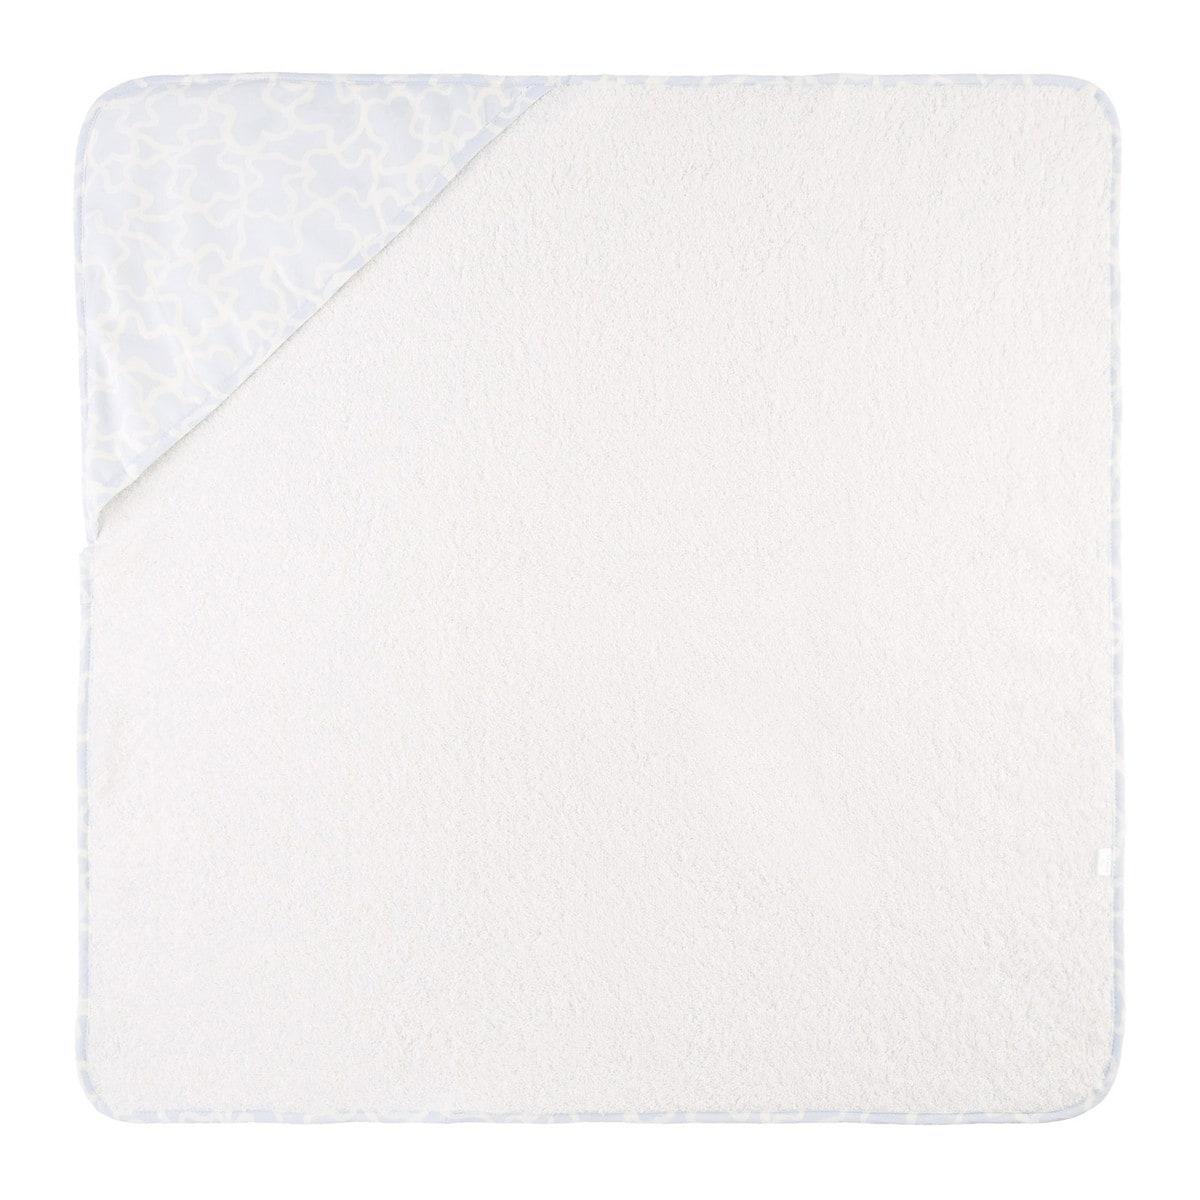 Capa de baño Kaos Azul Celeste